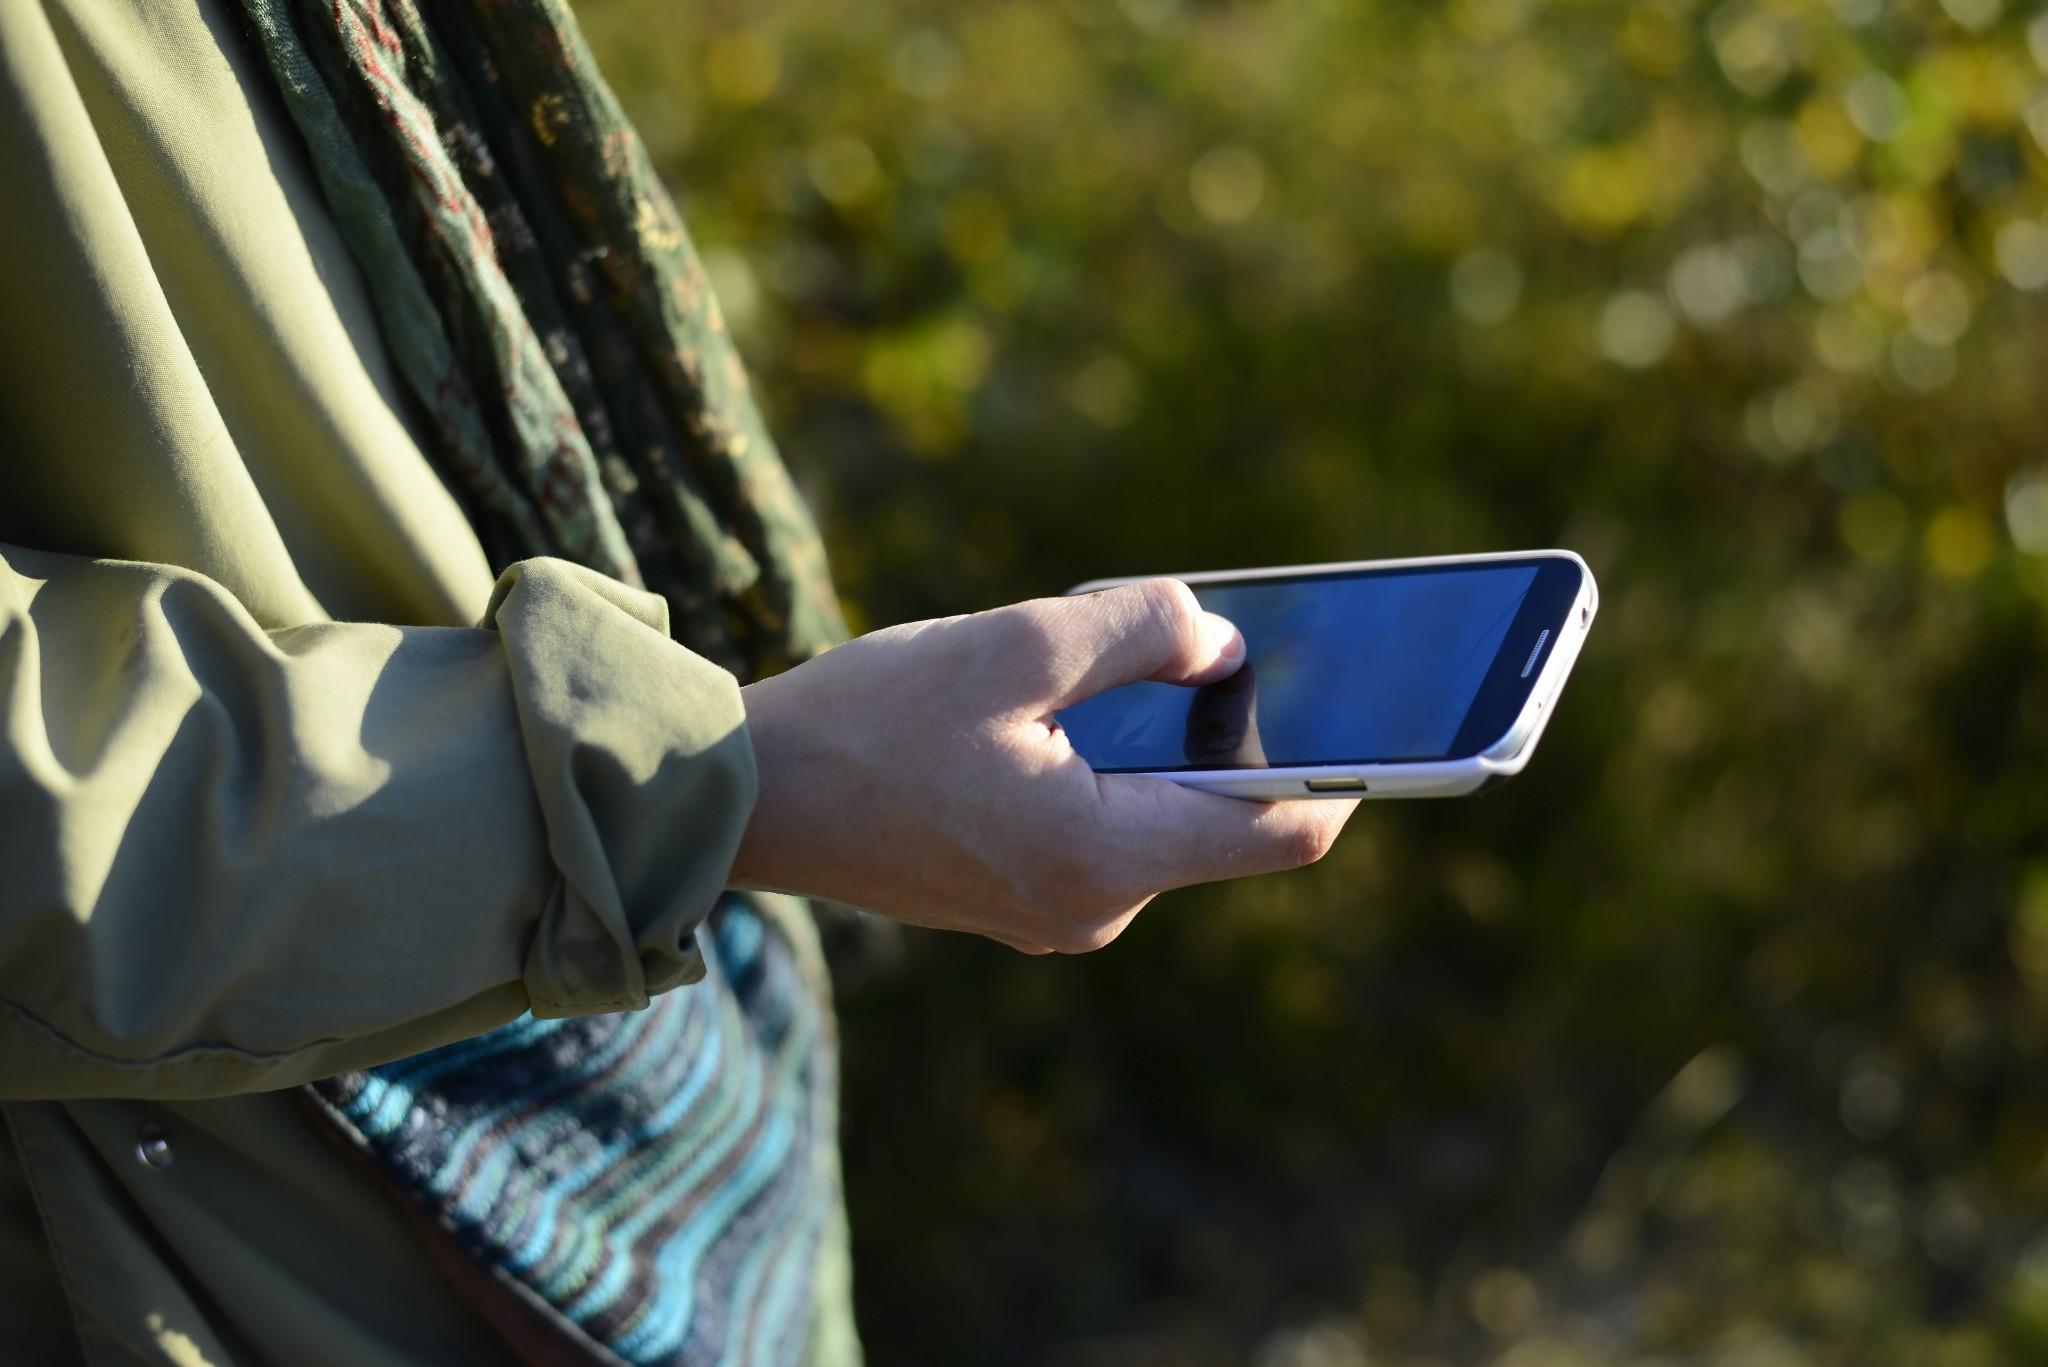 Ladda hem Svensk Jakts app och få de senaste nyheterna om jakt. Foto: Frugan / Mostphotos